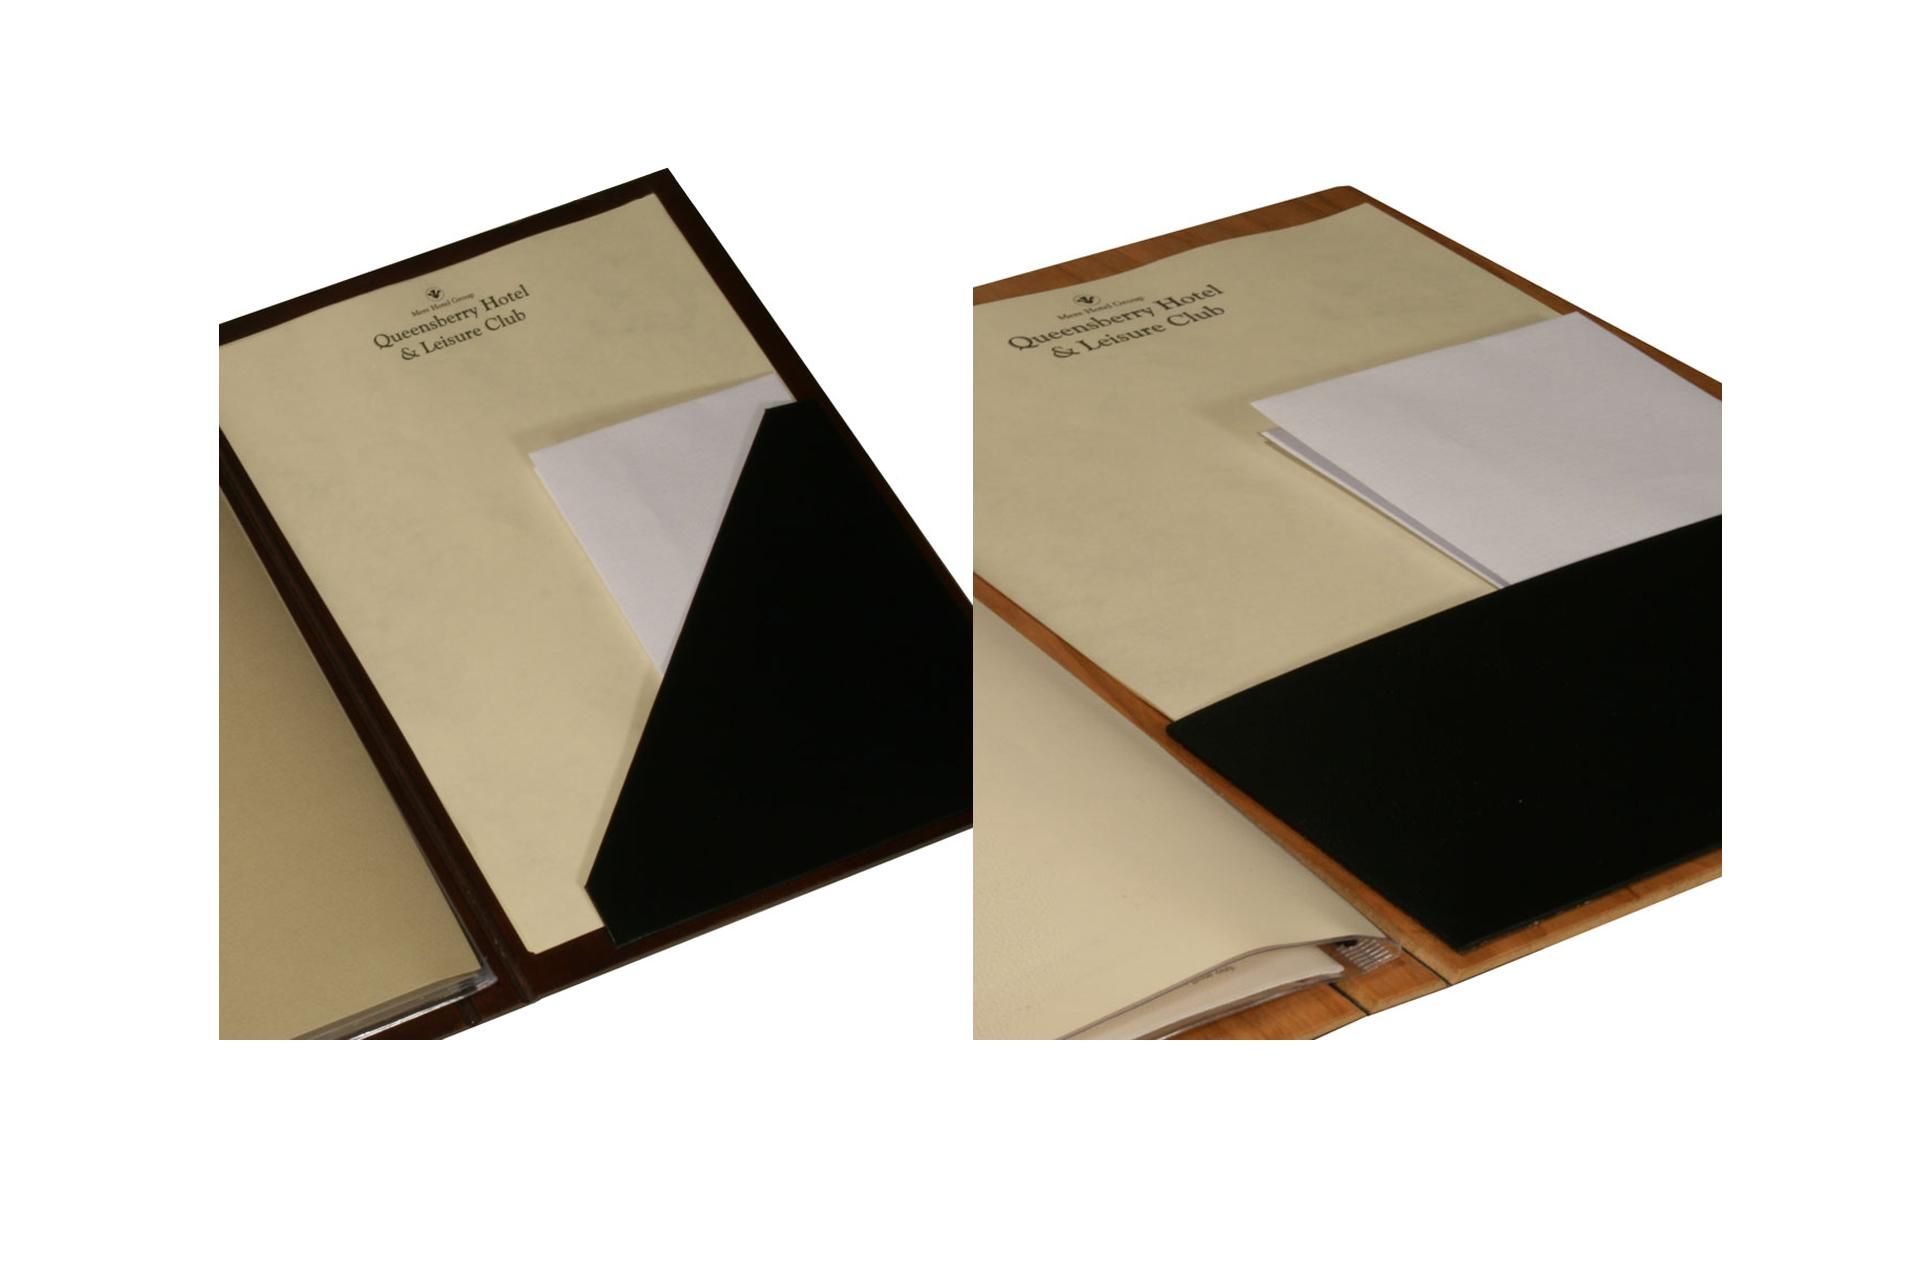 bespoke wooden guest information and presentation folder for hotels